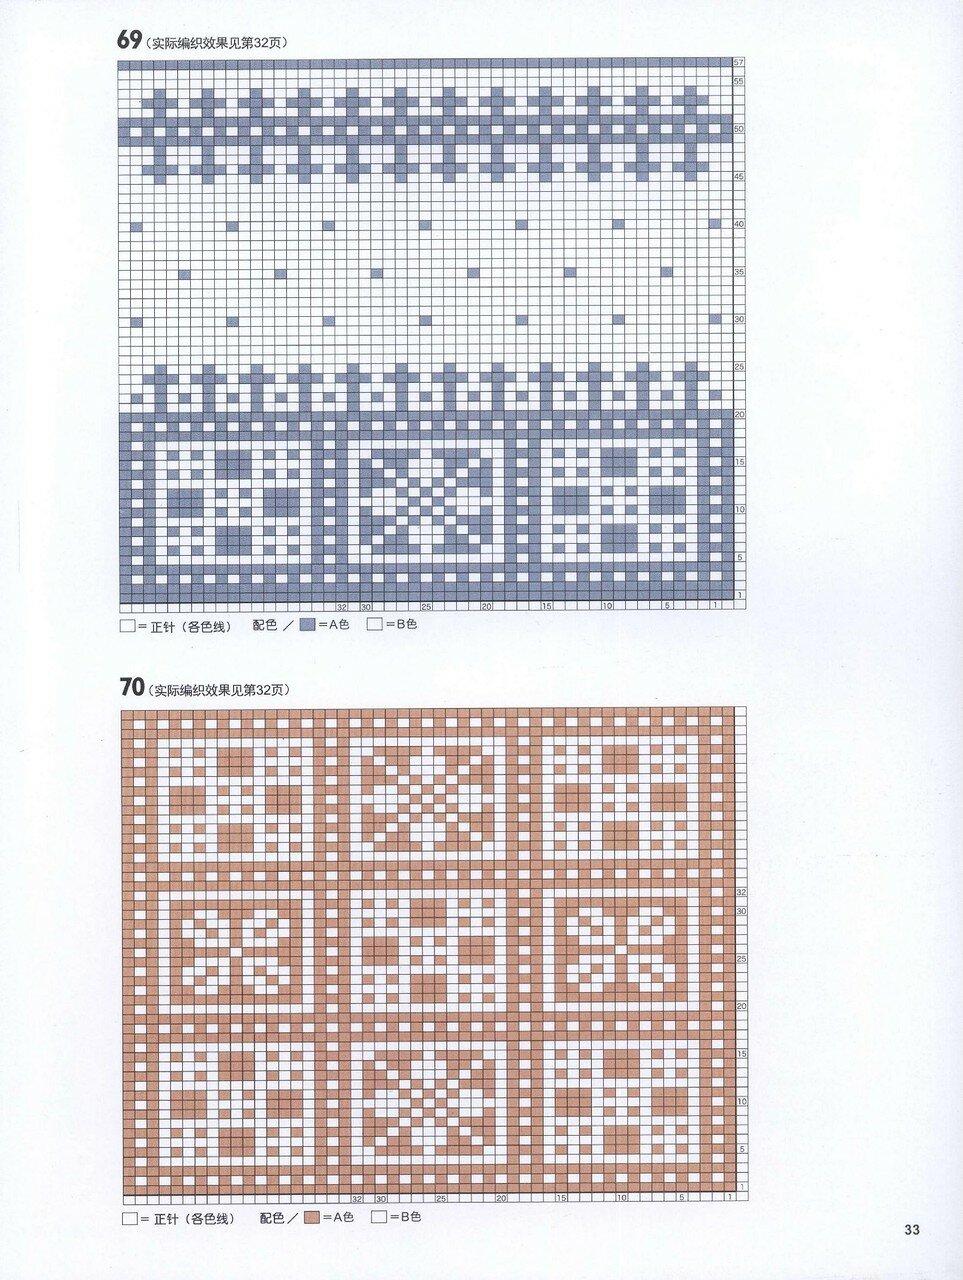 150 Knitting_35.jpg